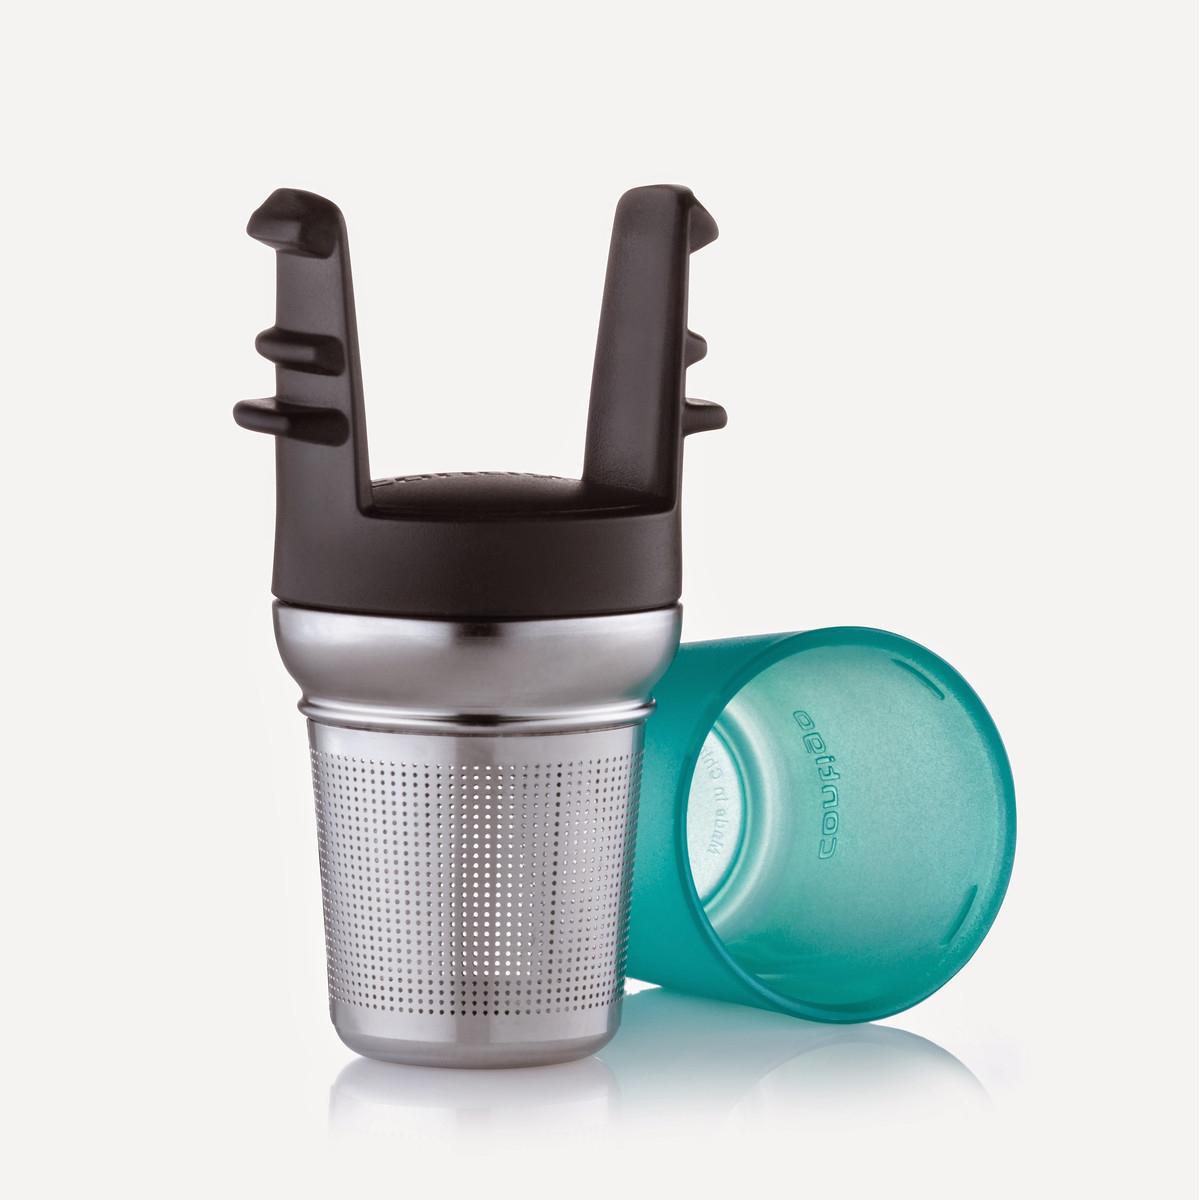 Ситечко для заваривания чая Contigo, для кружек серии West Loopcontigo0092Ситечко для заваривания чая Contigo изготовлено из металла и пластика и предназначено специально для кружек Contigo серии West Loop. Ситечко прекрасно подходит для заваривания любого вида чая. Изделие очень легко использовать: просто засыпьте в ситечко заварку и опустите его в кружку. Для удобства хранения ситечко имеет пластиковую крышку, которая надежно закрывает фильтрующую часть.Стильное и функциональное ситечко станет незаменимым атрибутом чаепития.Размеры ситечка (металлической части): 6,5 х 5 х 5 см.Высота фильтрующей части: 4,5 см.Общие размеры конструкции: 10,5 х 5 х 5,7 см.